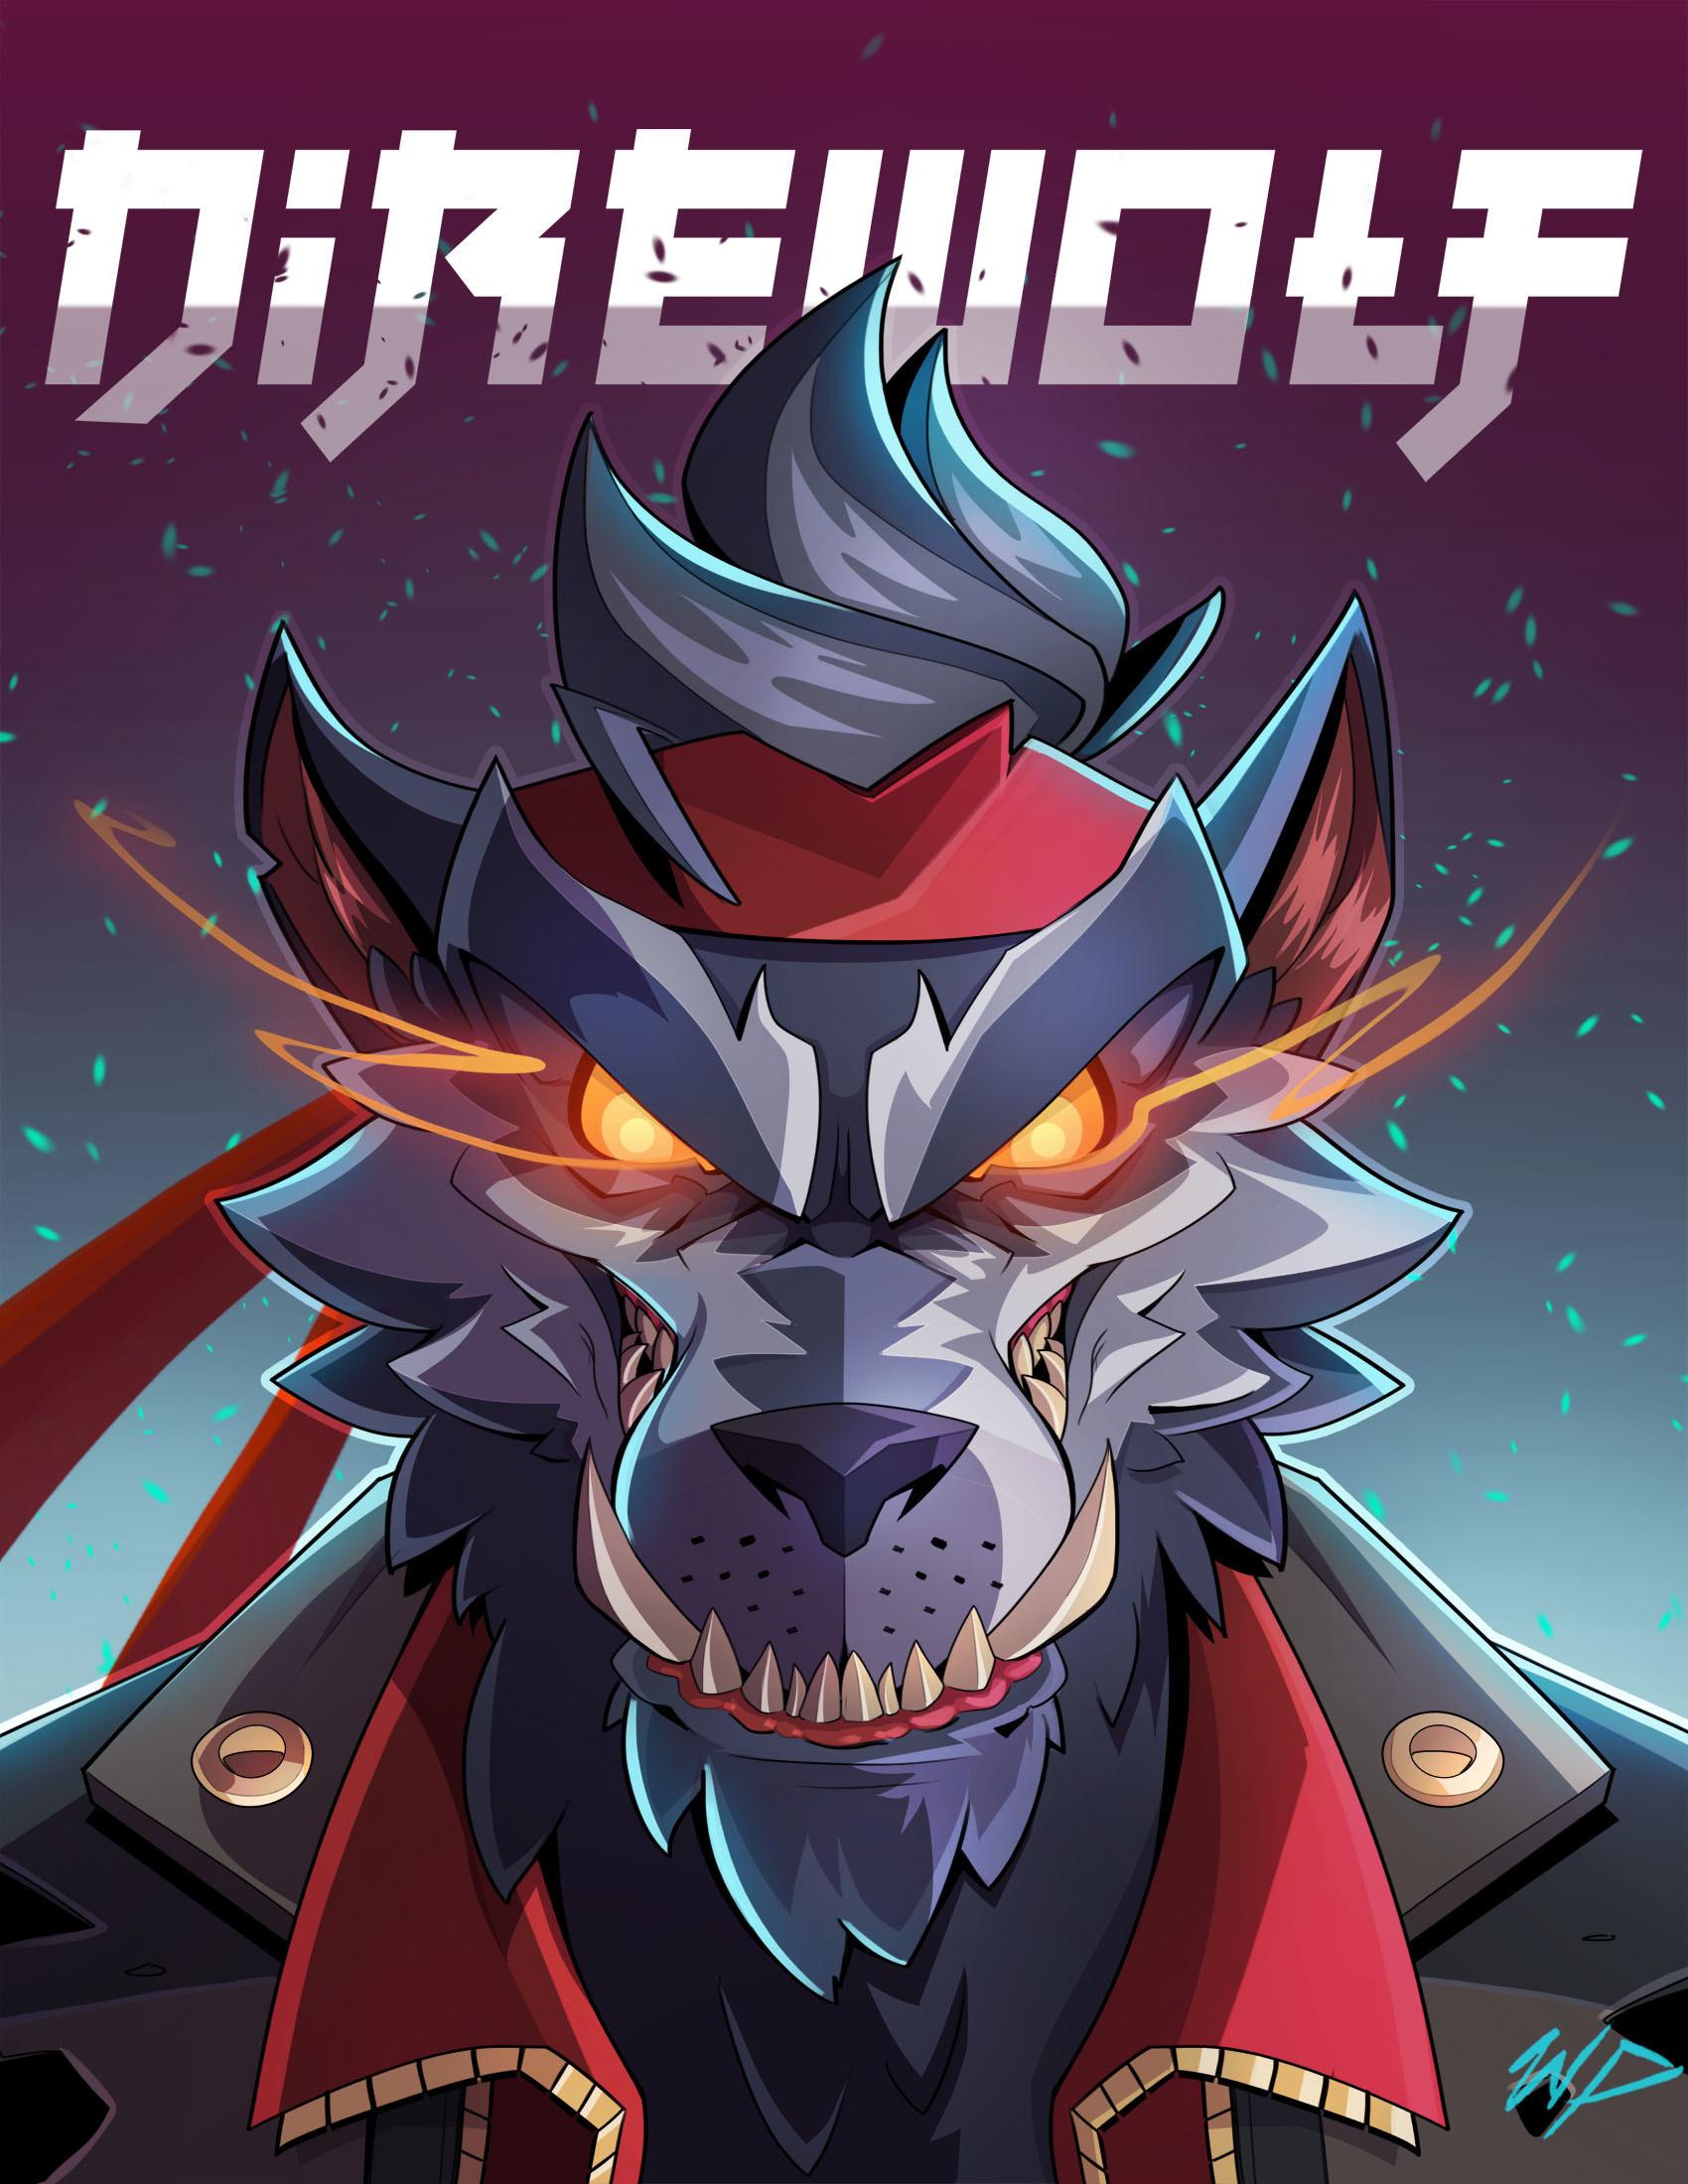 Fortnite Dire Werewolf Amazing Background by William Puekker 4412 1700x2200